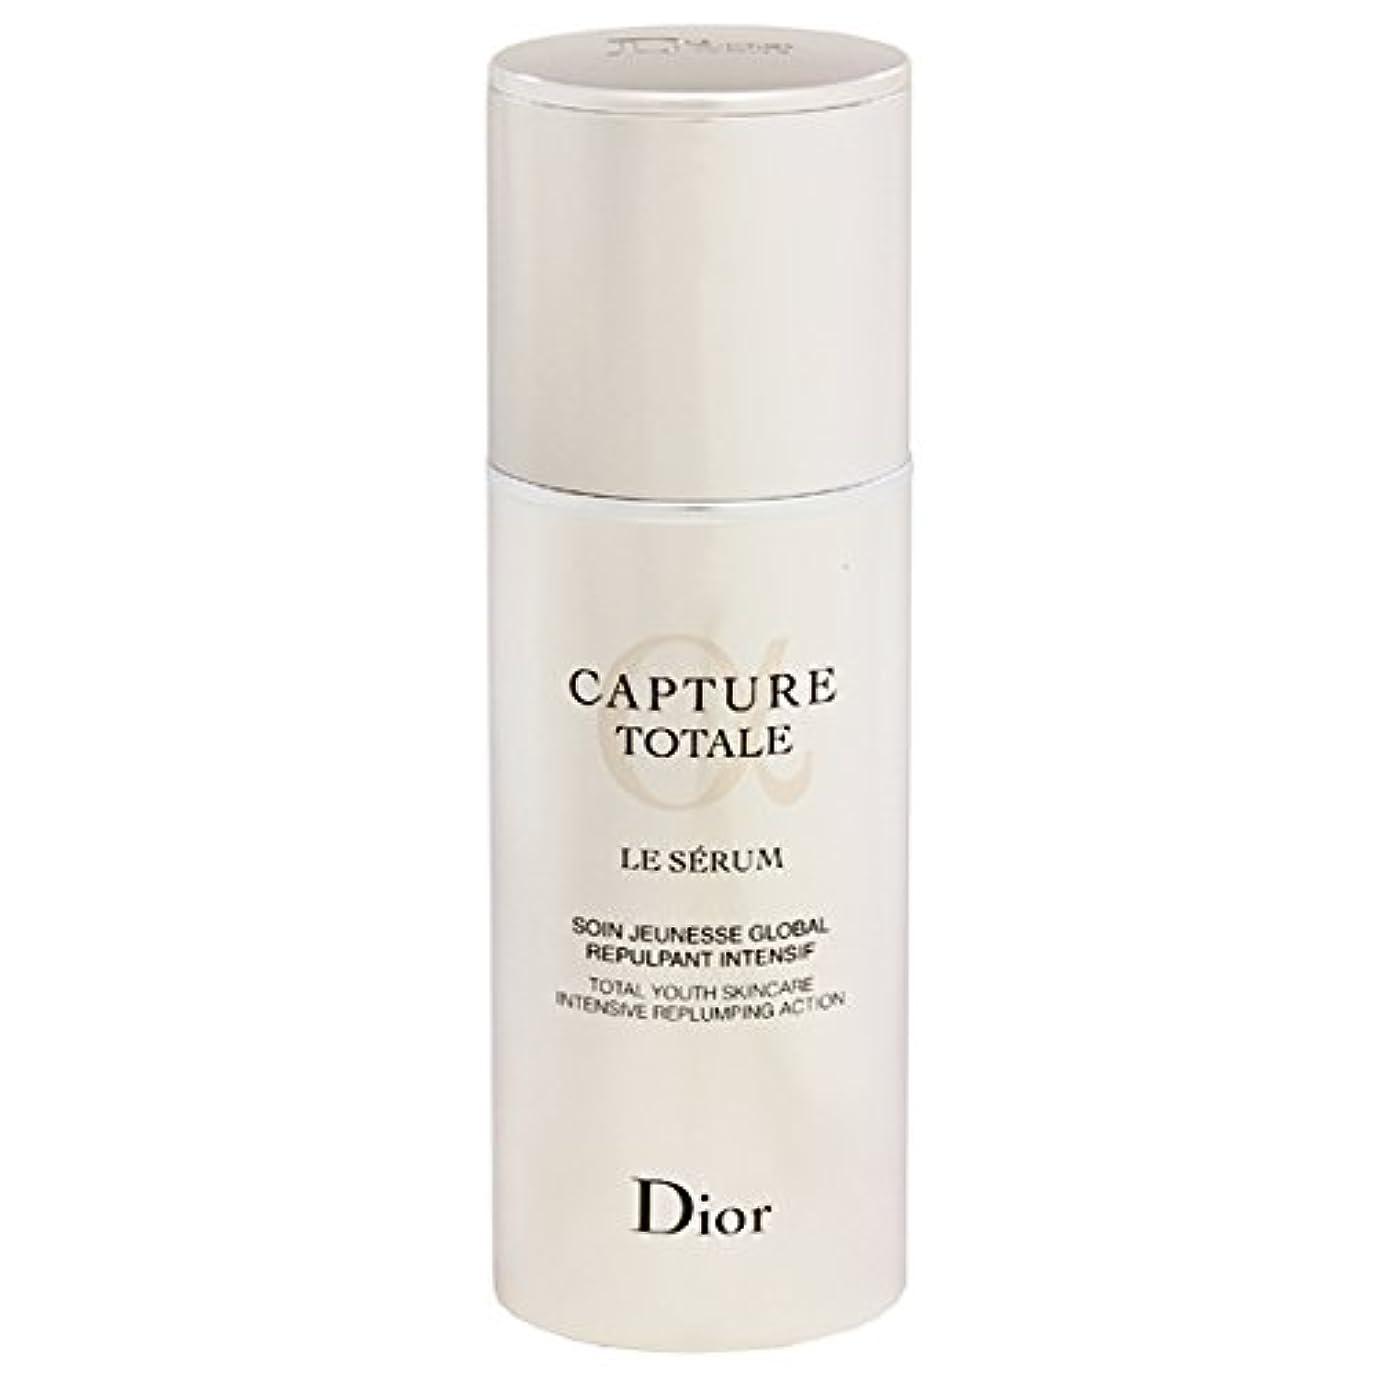 止まる困惑した不器用Dior カプチュールトータルコンセントレートセラム 50ml [224963] [並行輸入品]